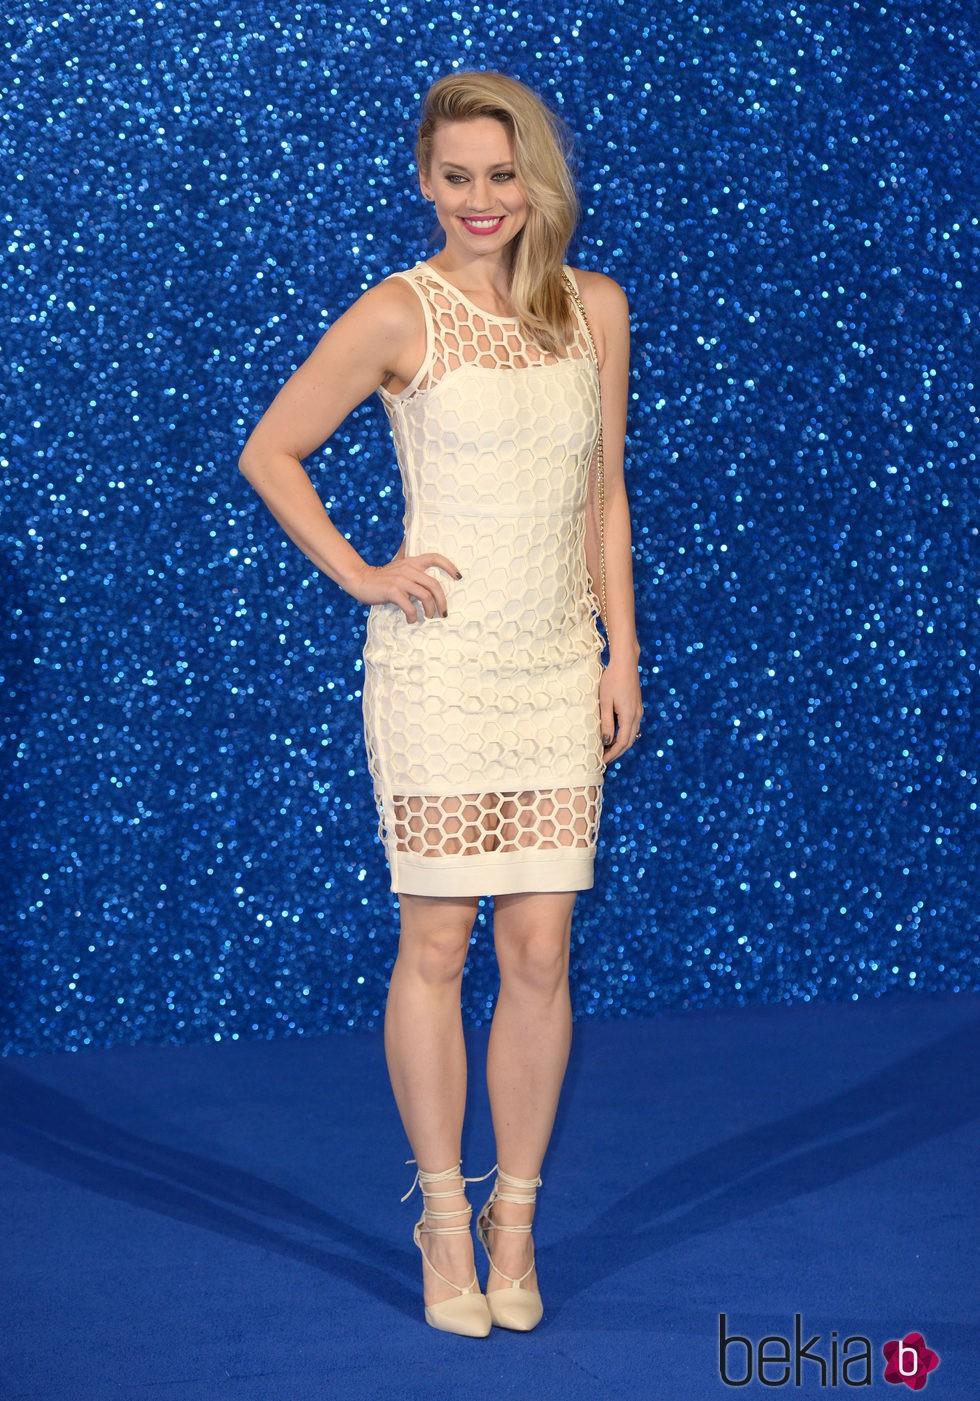 Kimberly Wyatt en el estreno de 'Zoolander 2' en Londres